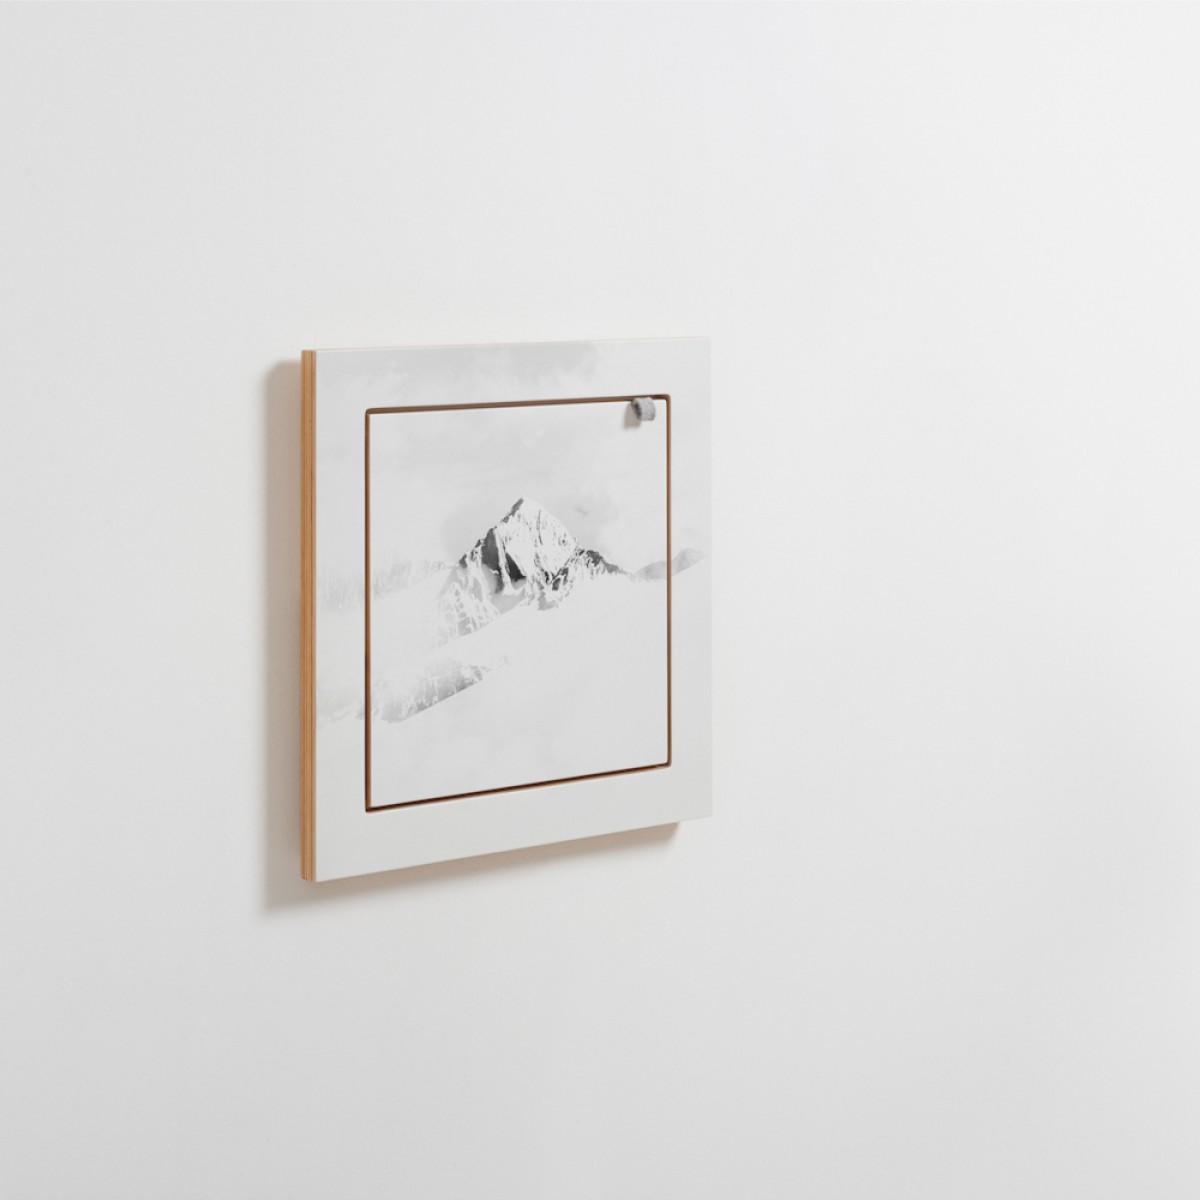 AMBIVALENZ Fläpps Regal 40x40-1 – Vallunaraju by Joe Mania